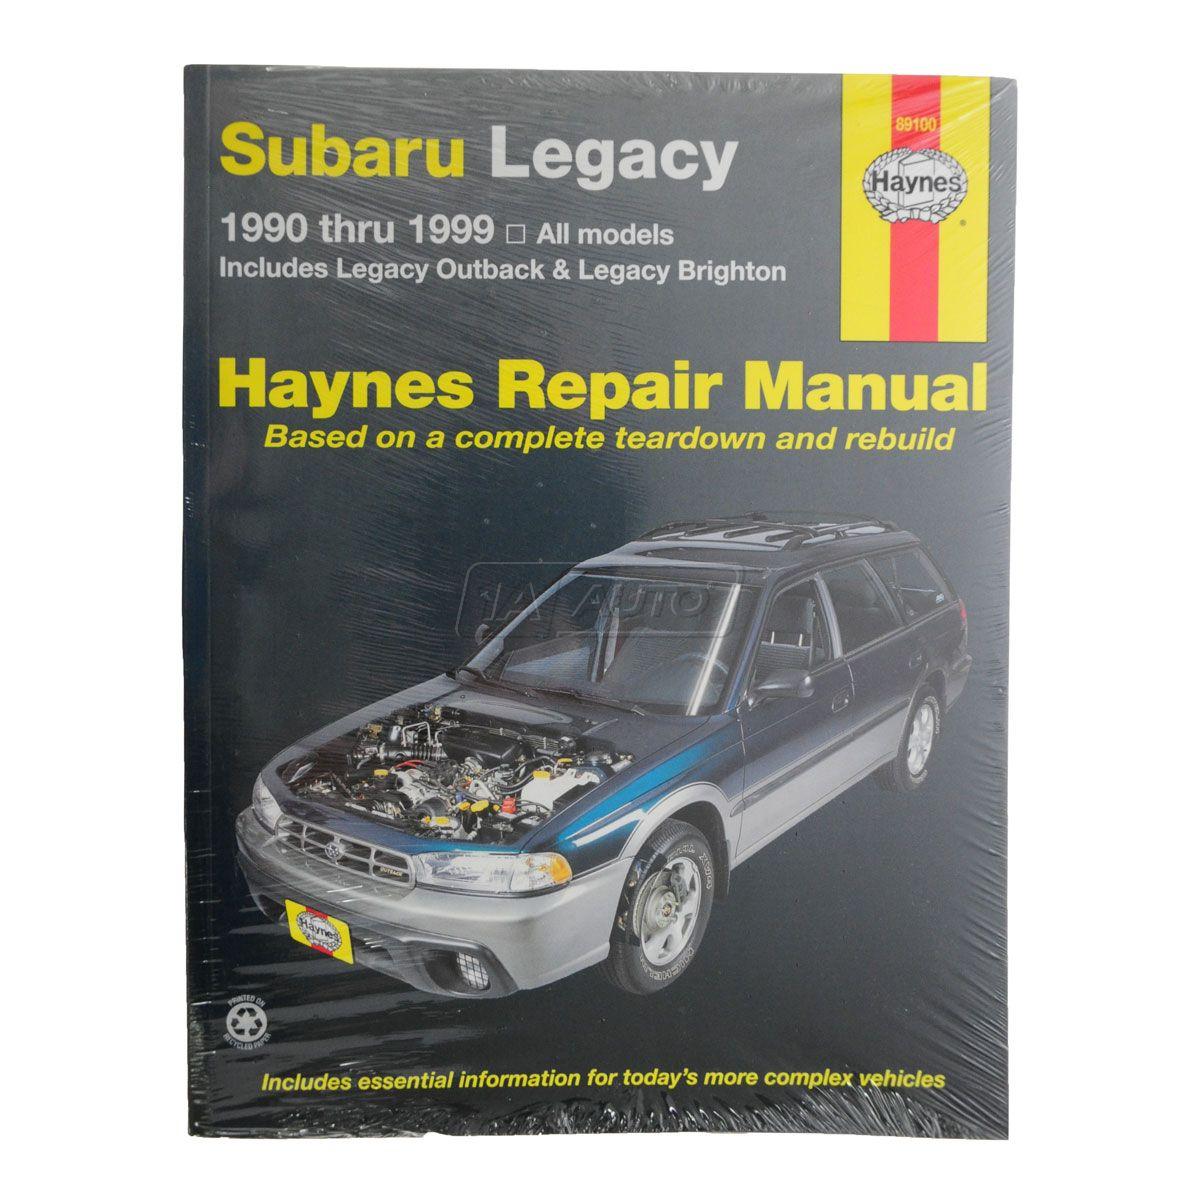 haynes repair manual for subaru legacy outback 90 99 ebay rh ebay co uk Online Repair Manuals Chilton Service Manuals